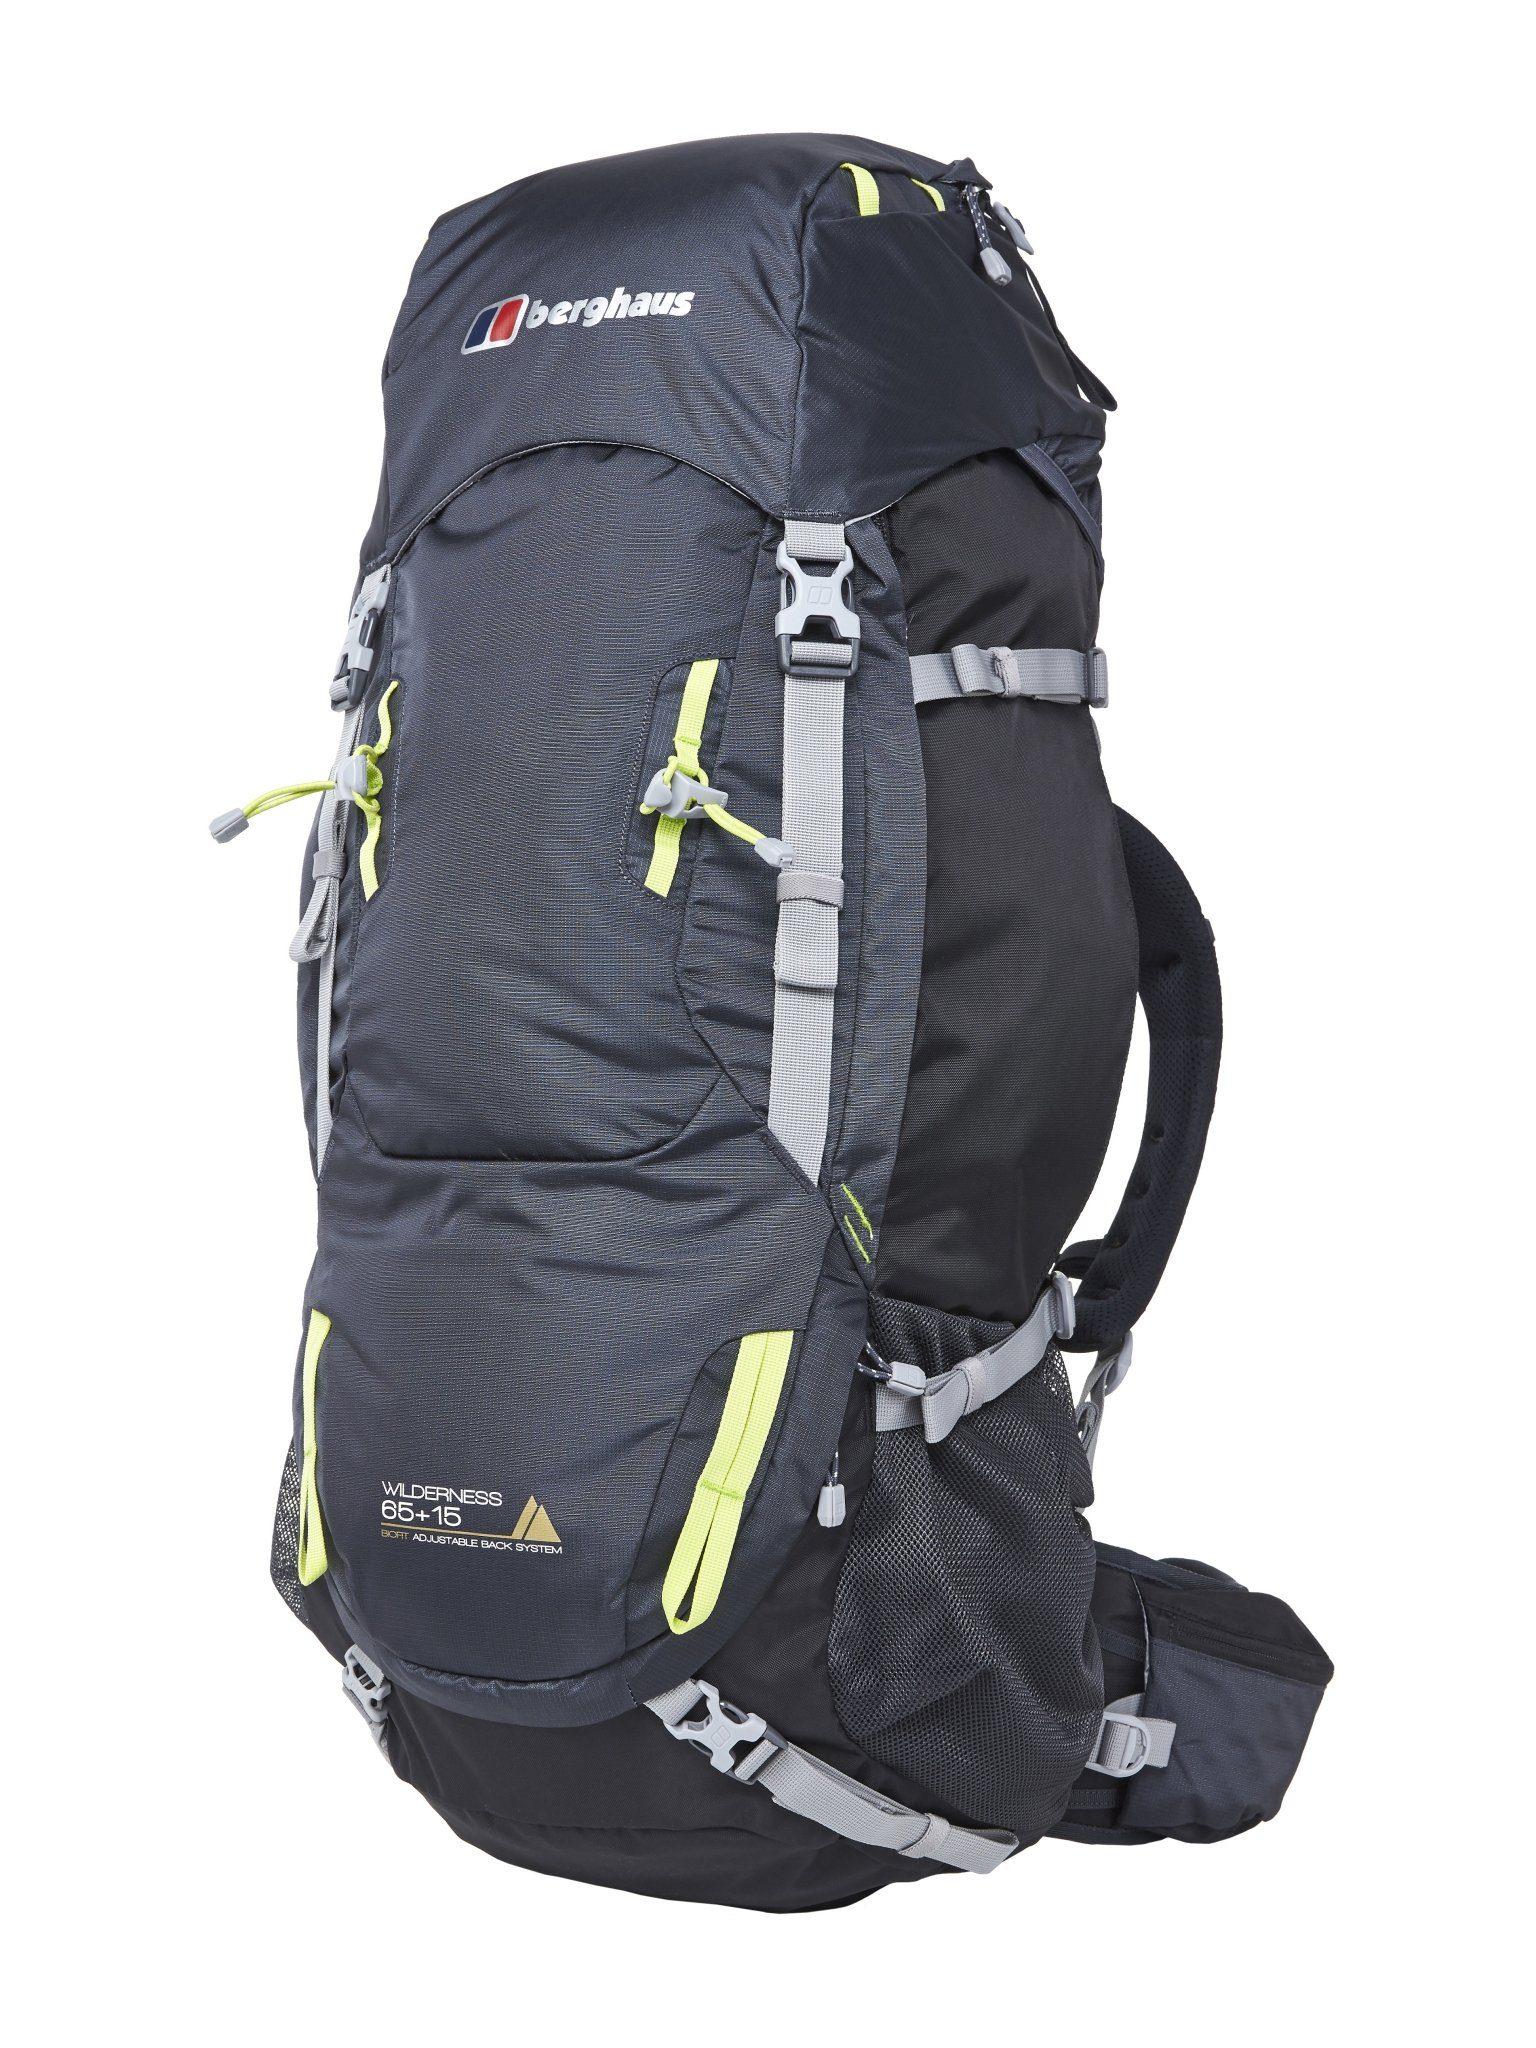 Berghaus Sport- und Freizeittasche »Wilderness 65+15«